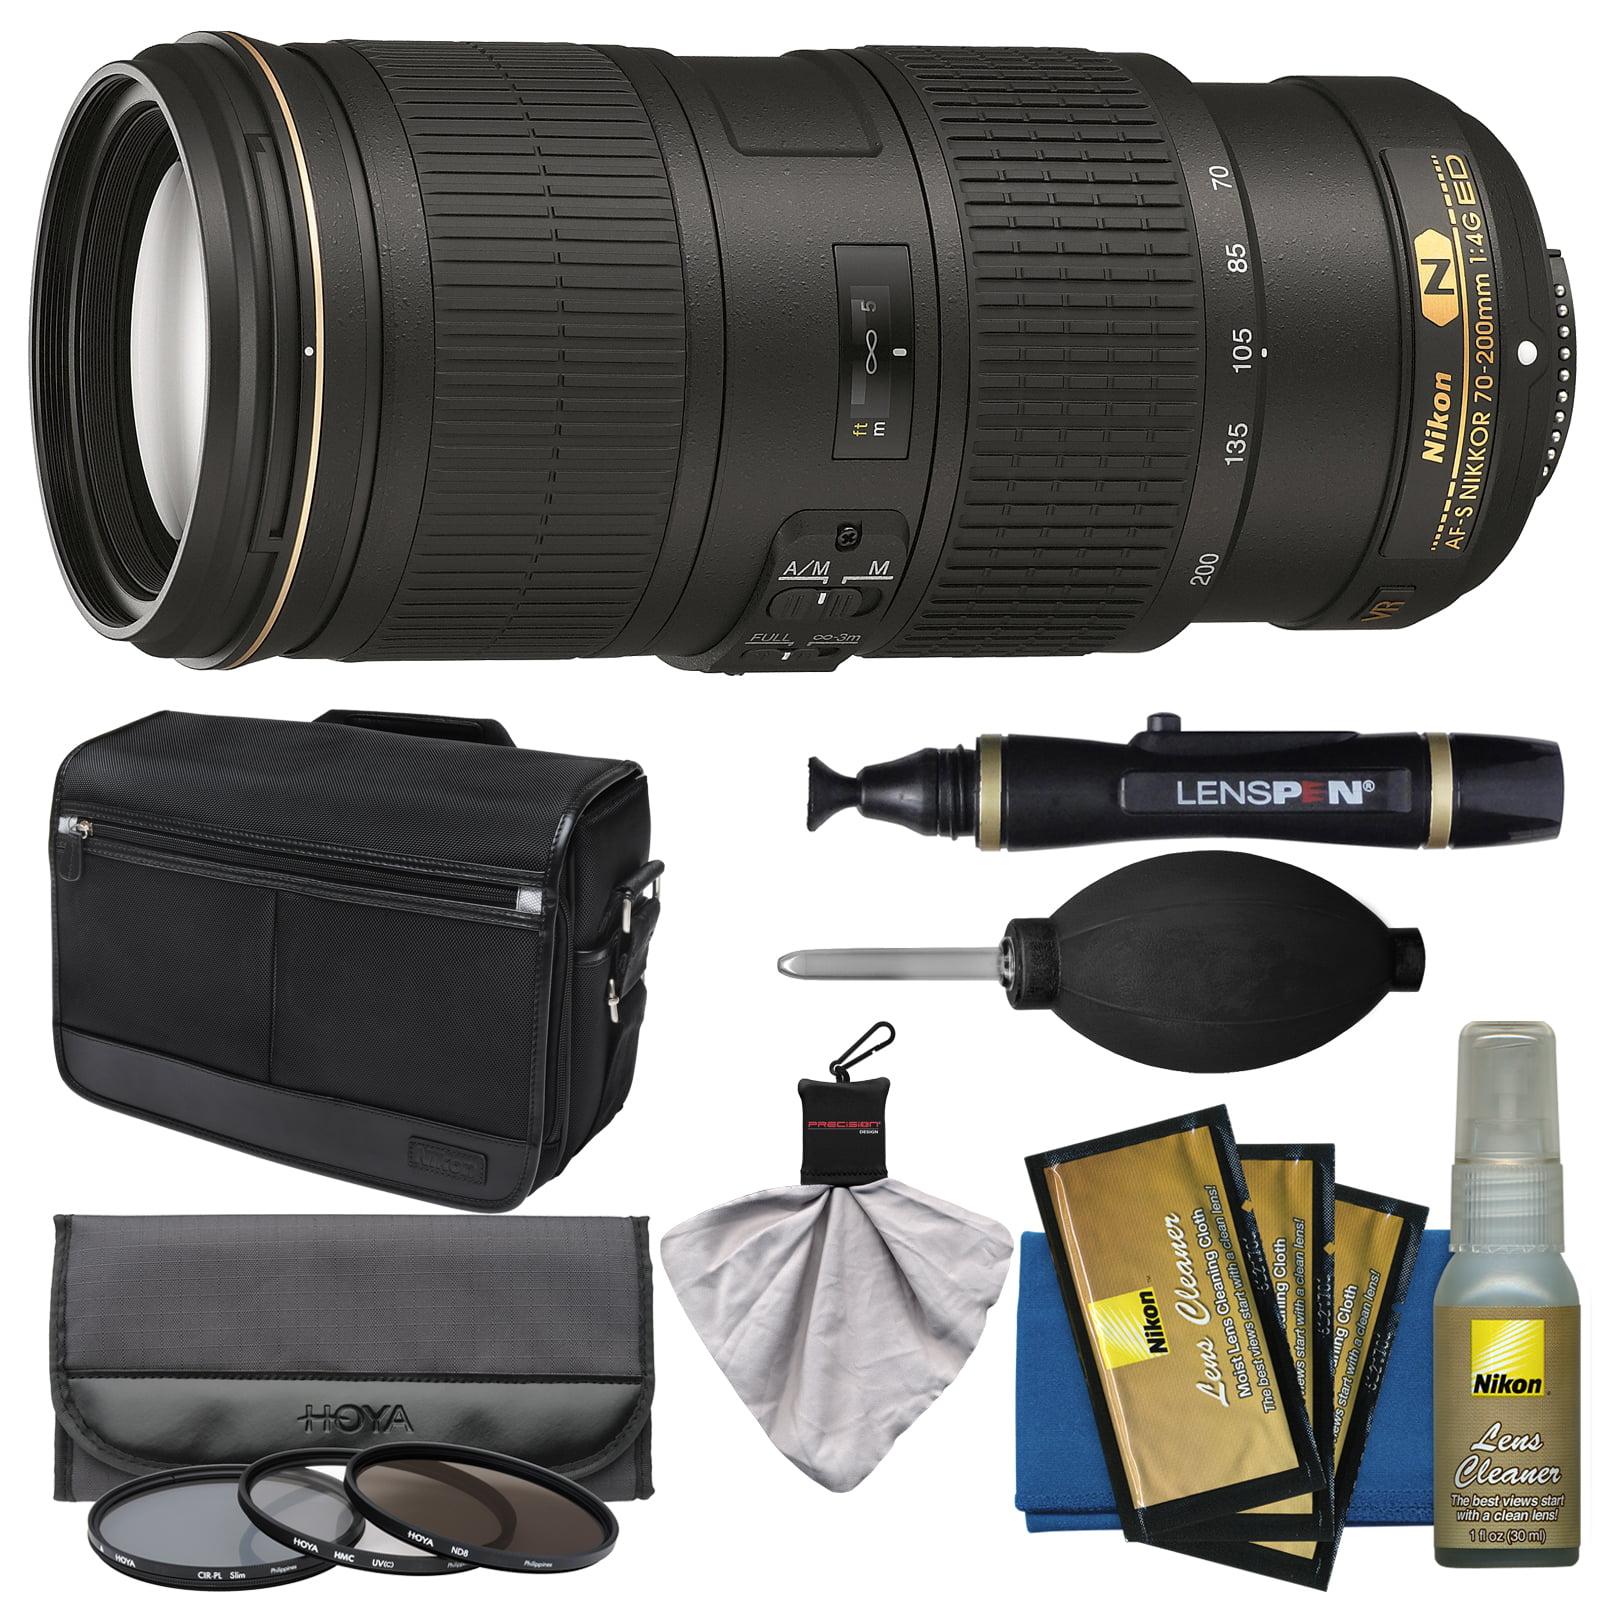 Nikon 70-200mm f/4G VR AF-S ED Nikkor-Zoom Lens with Shoulder Bag + 3 Filters + Kit for D3200, D3300, D5300, D5500, D7100, D7200, D750, D810 Camera